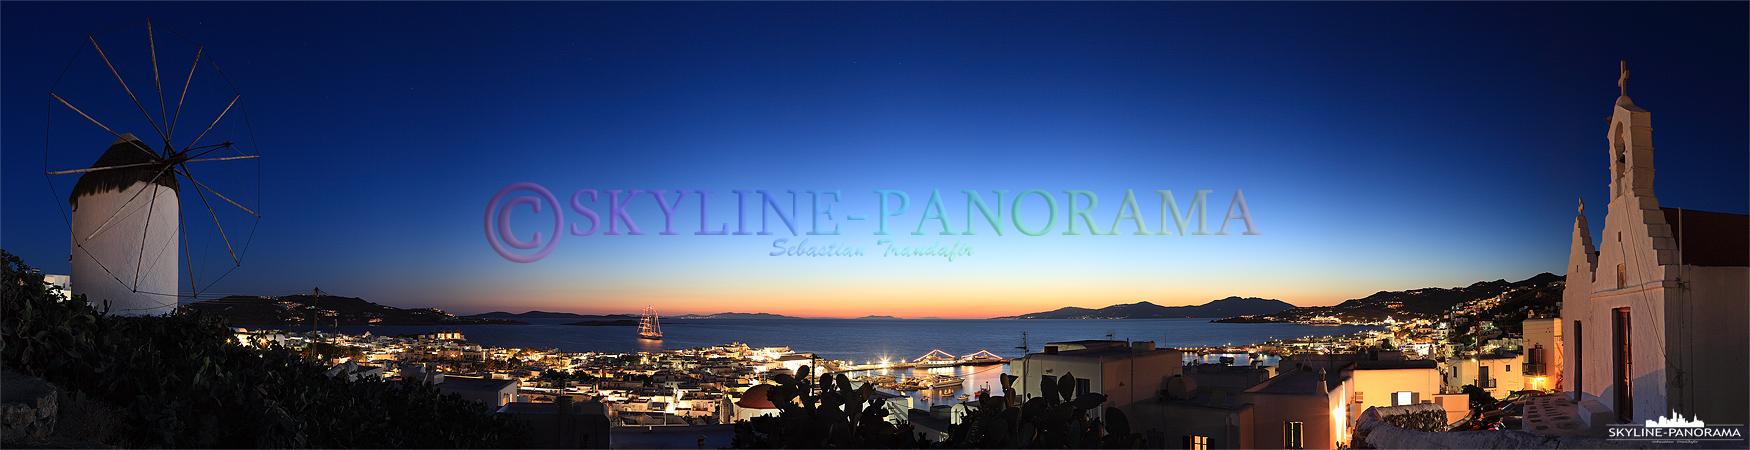 Sobald in Mykonos die Sonne untergegangen ist, erwacht das Nachtleben der Partyinsel, Discotheken, Bars und Cafés in der Chora von Mykonos sind in der ...